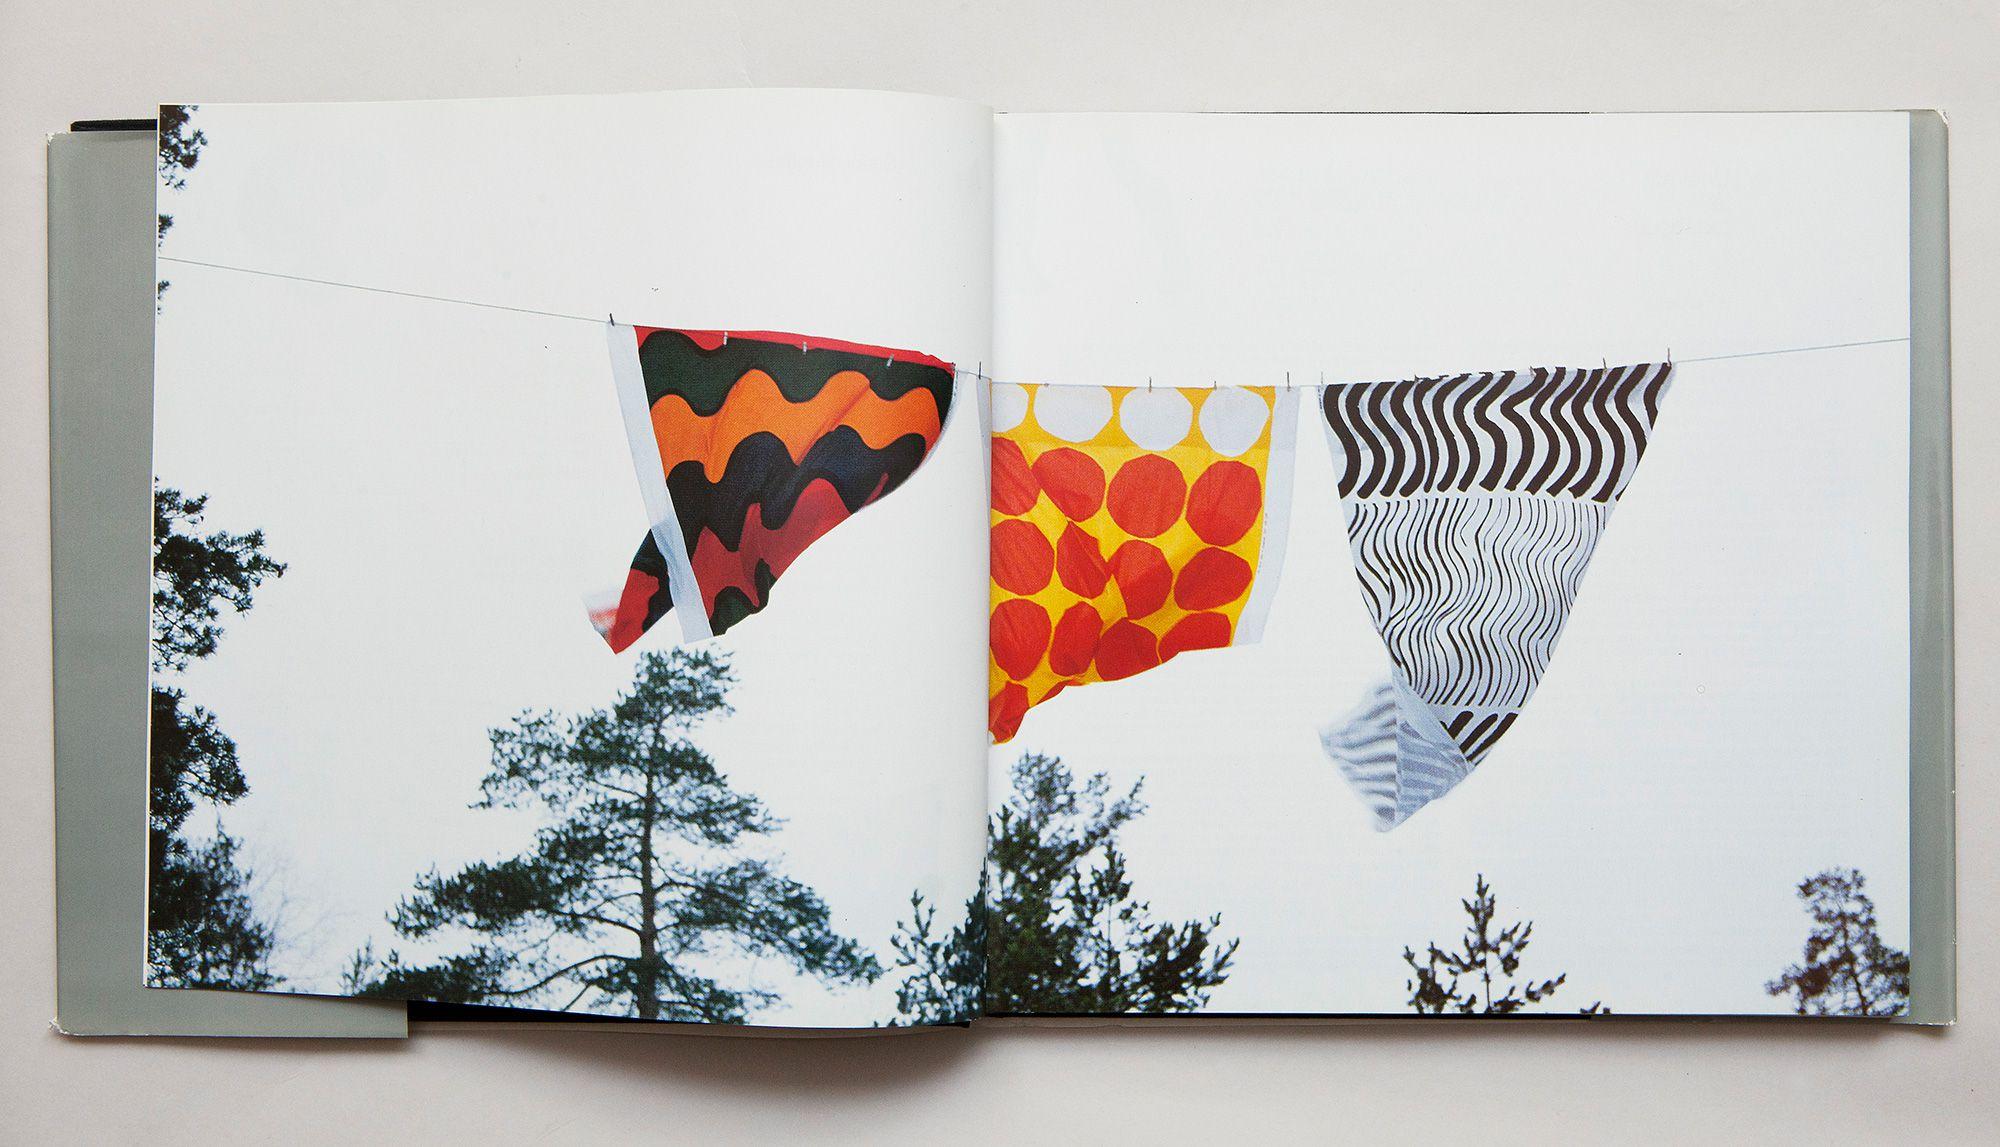 鈴木のテキスタイルデザインの転機になったともいえる写真。写真集「Marimekkoilmiö」(Weilin+Göös)1986年より。